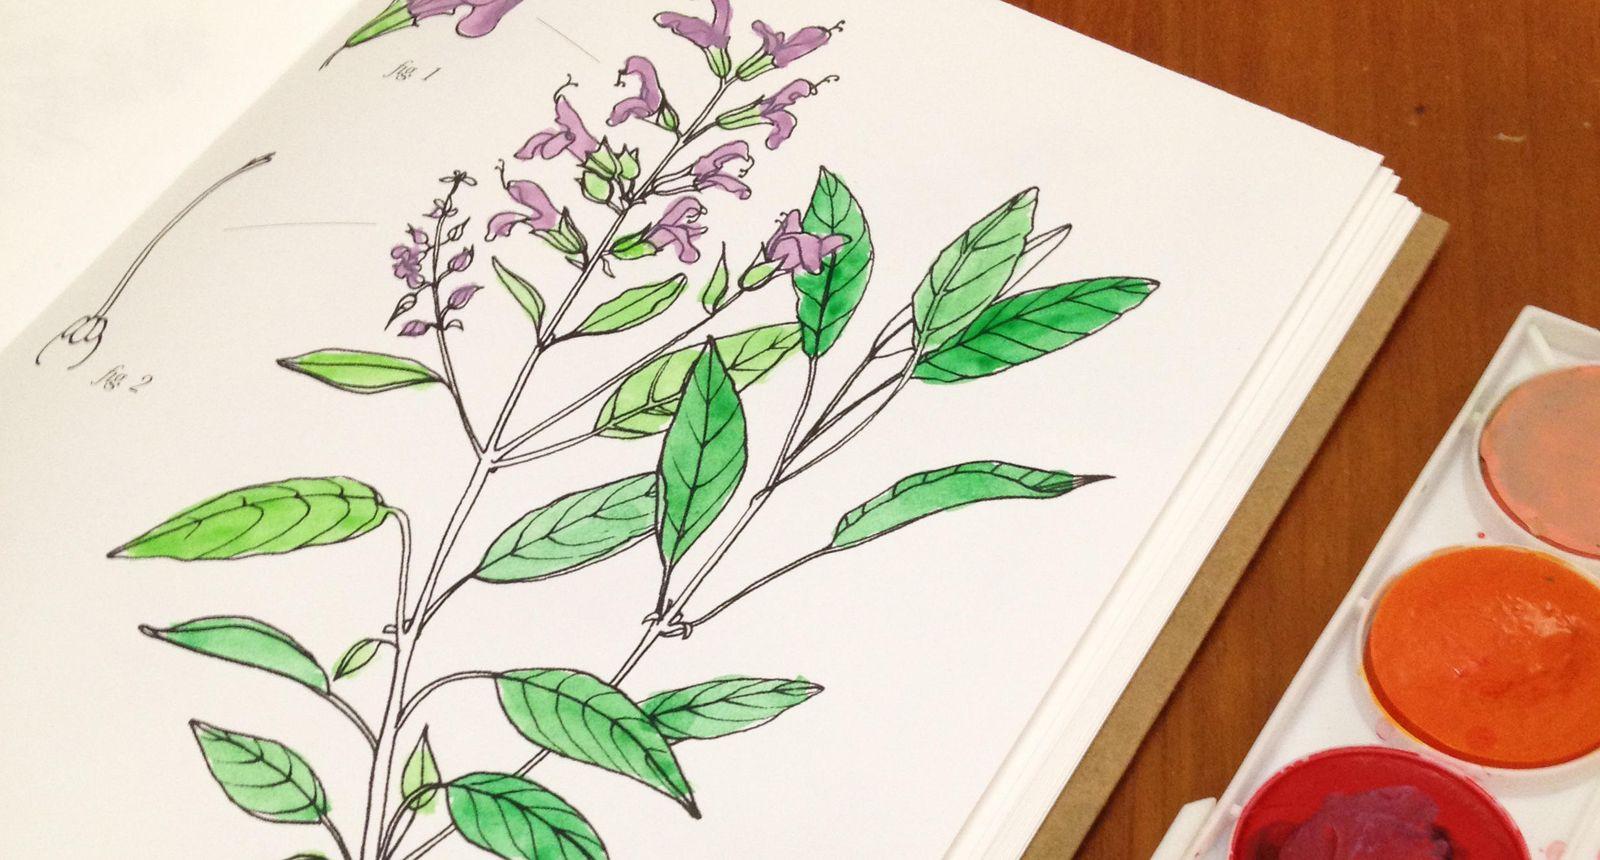 Libros Pinta Dibuja Y Colorea El Nuevo Fenómeno Editorial Para